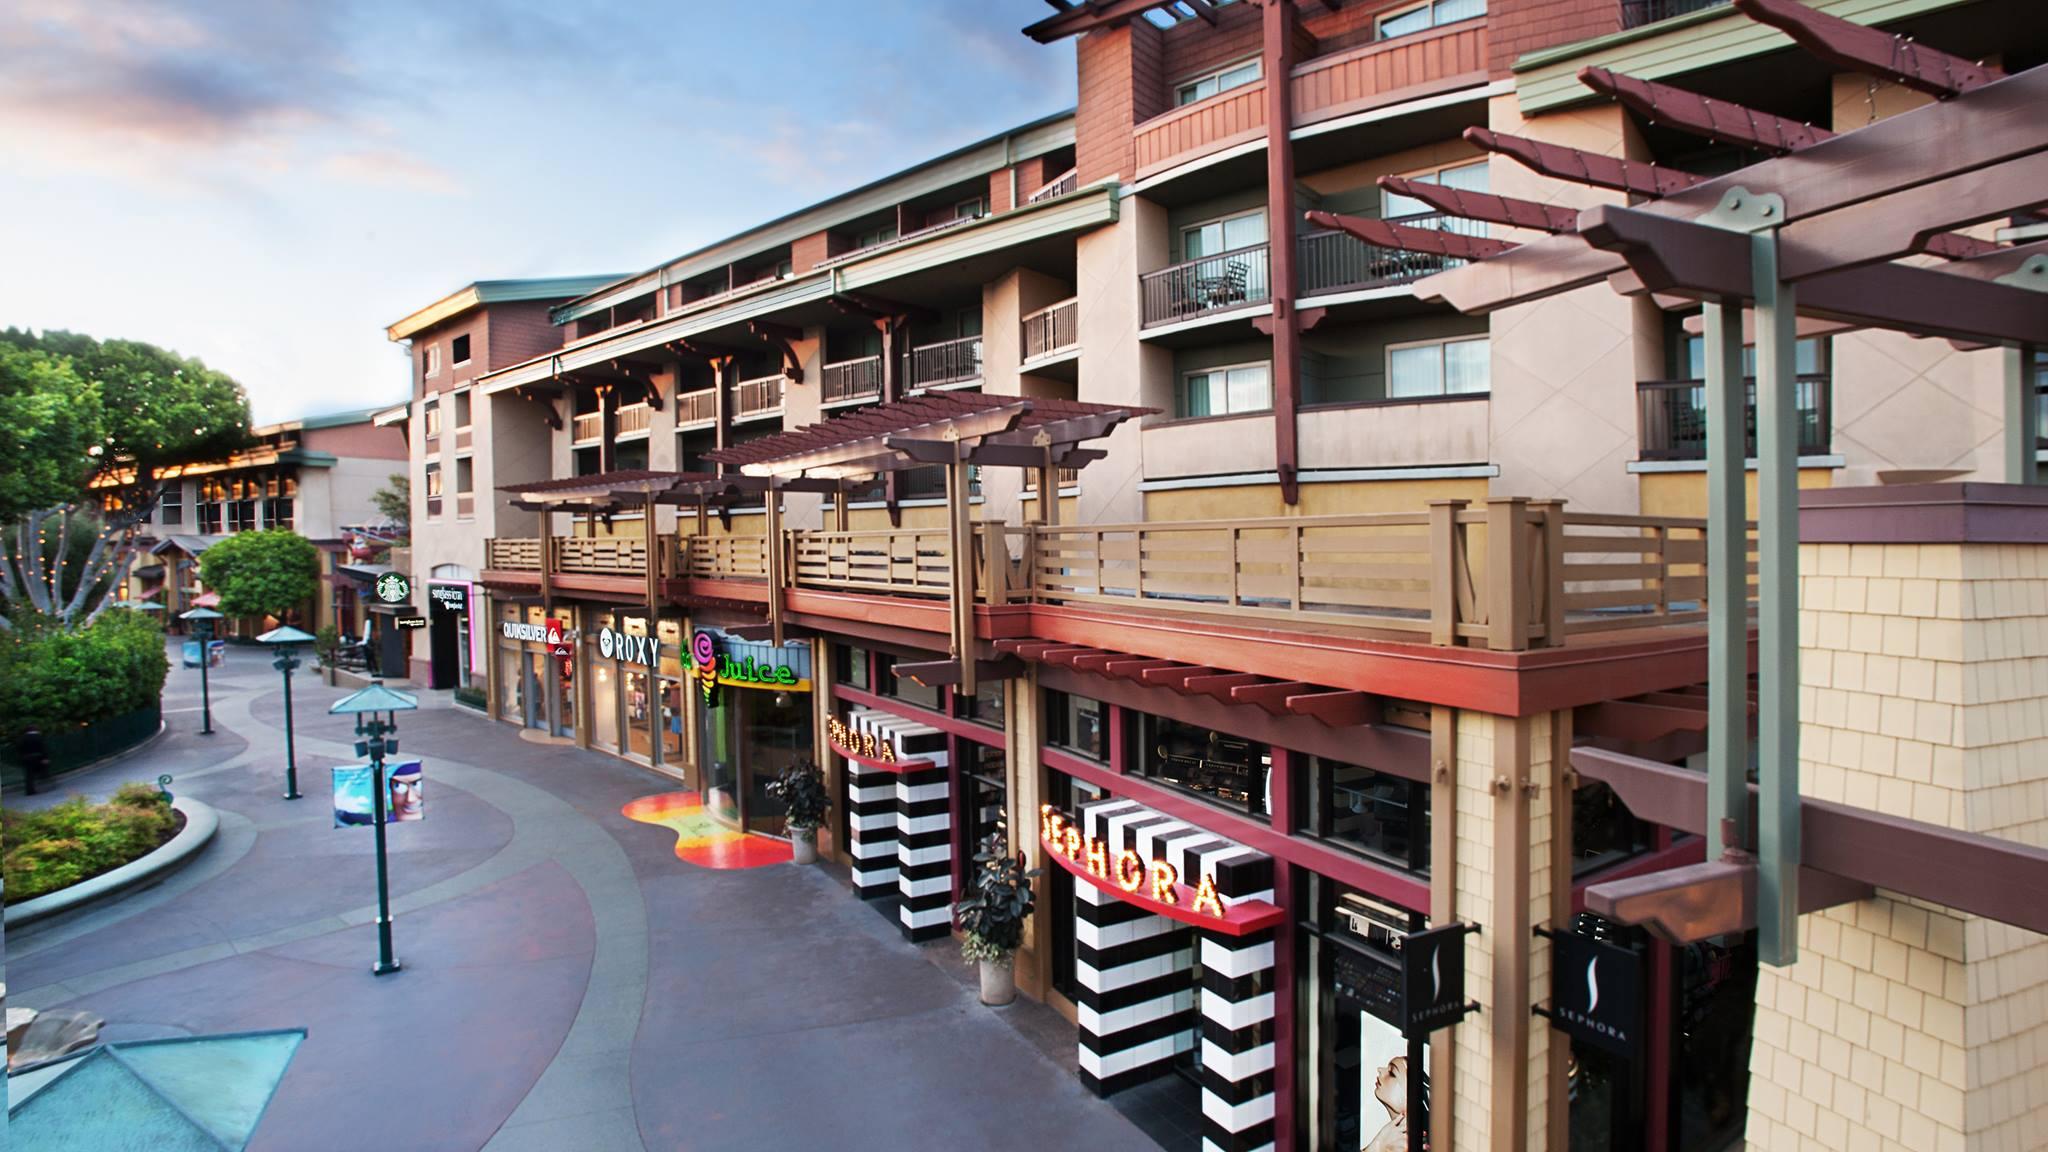 Los hoteles de Disneyland Resort también planean una reapertura gradual con aforo limitado